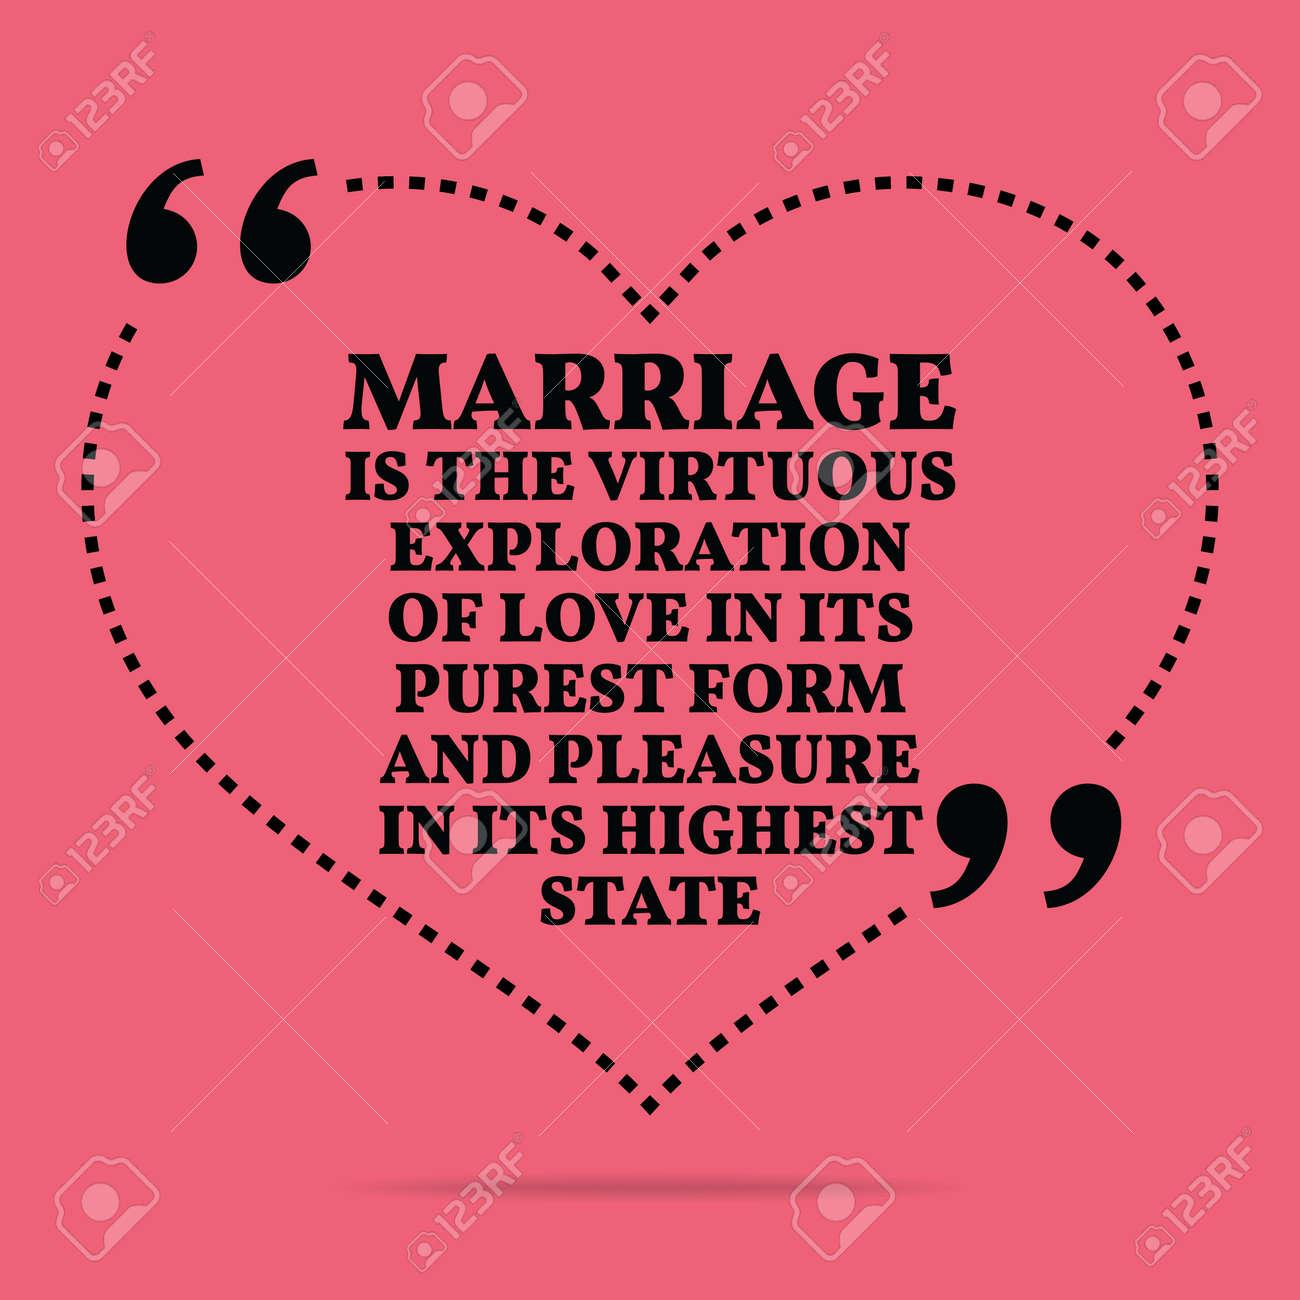 Citation Inspiree Amour De Mariage Le Mariage Est L Exploration Vertueux De L Amour Dans Sa Forme La Plus Pure Et De Plaisir Dans Son Etat Le Plus